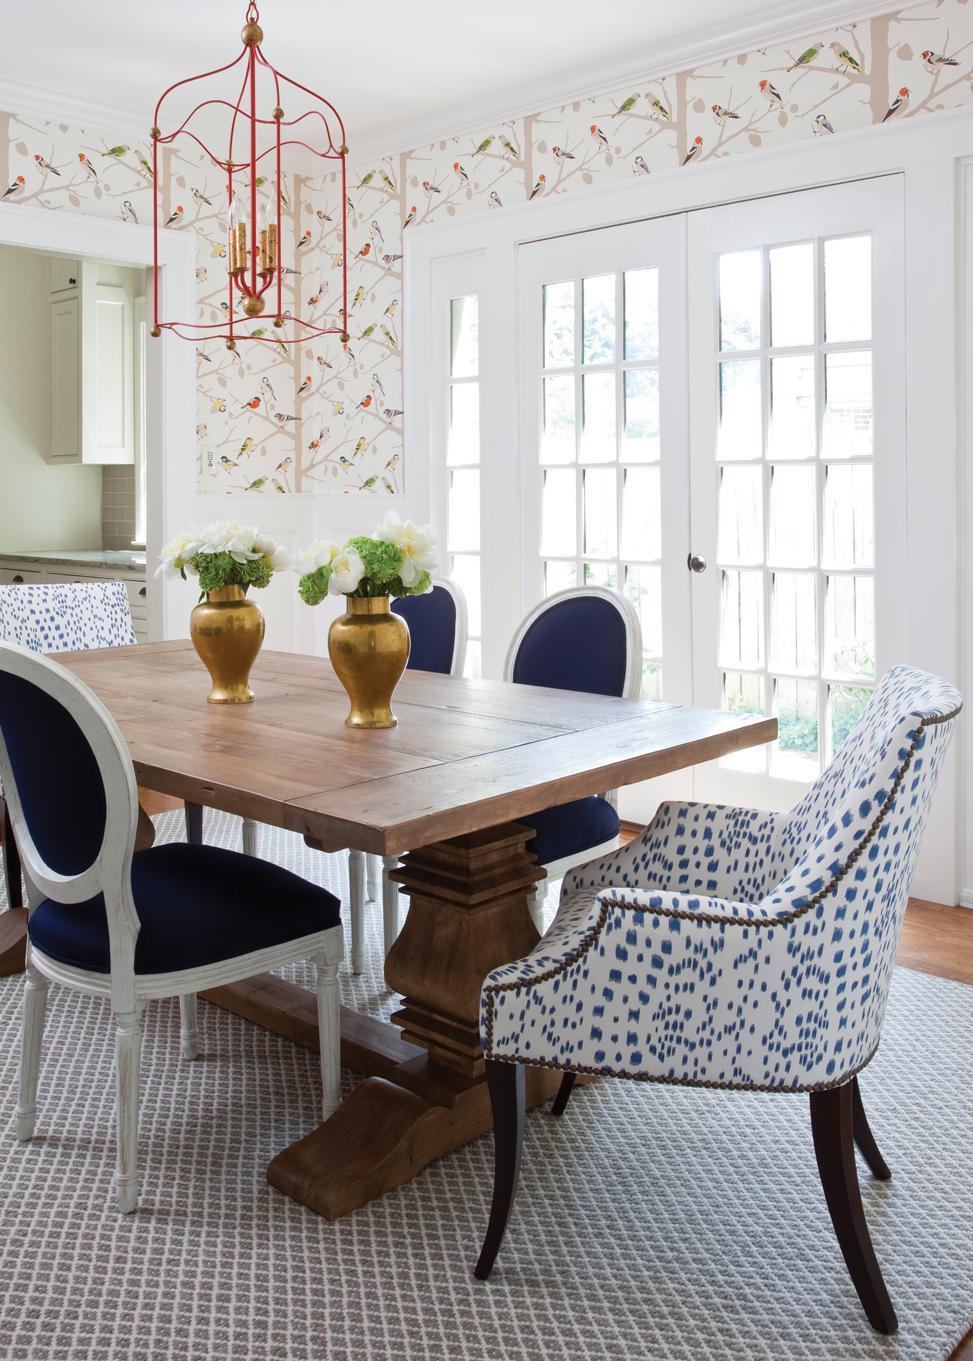 Virginia-Highland dining room